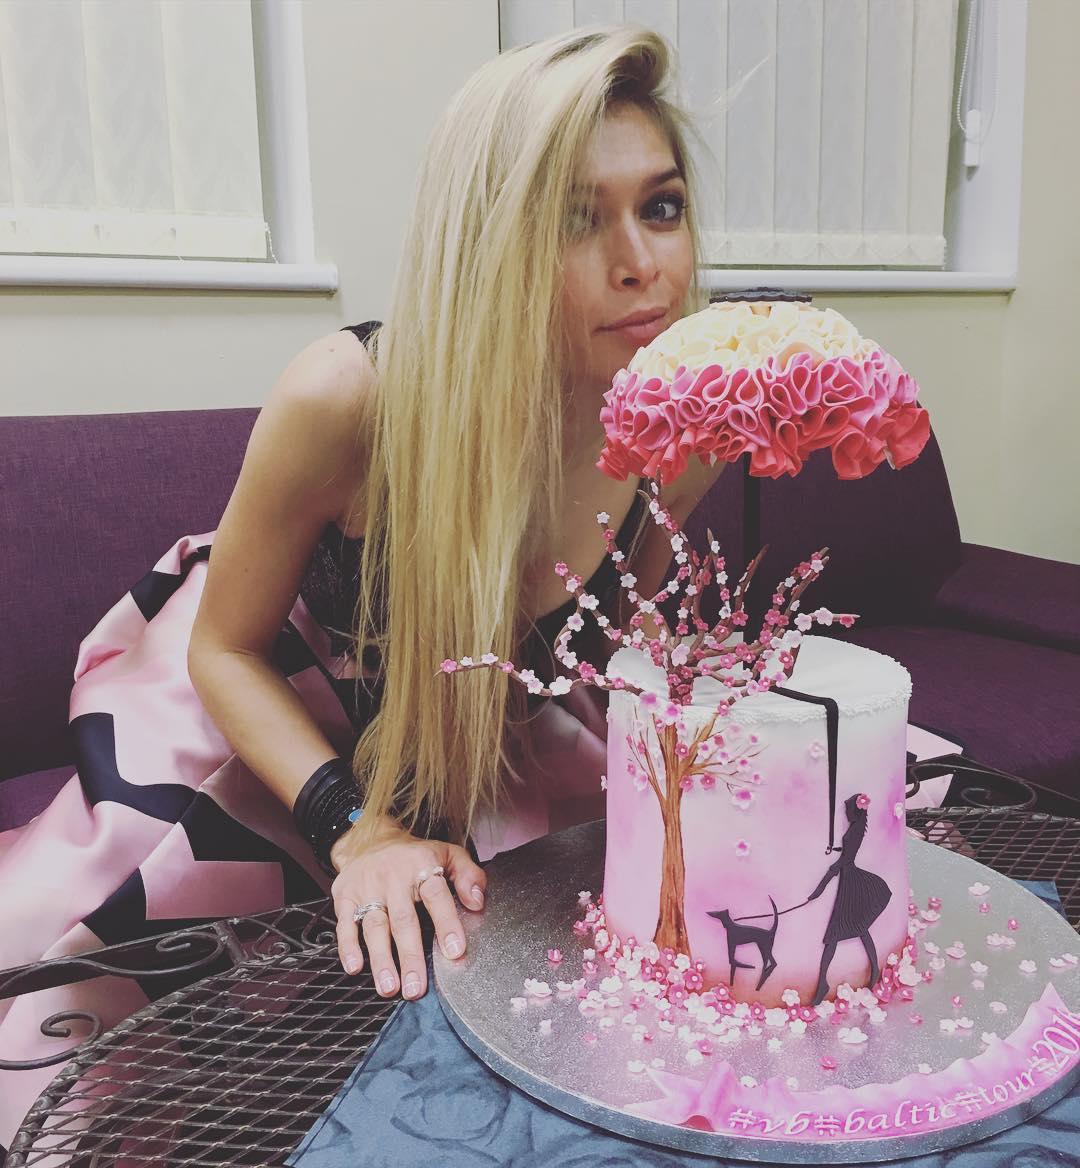 Вера Брежнева поздравила Альбину Джанабаеву с днем рождения